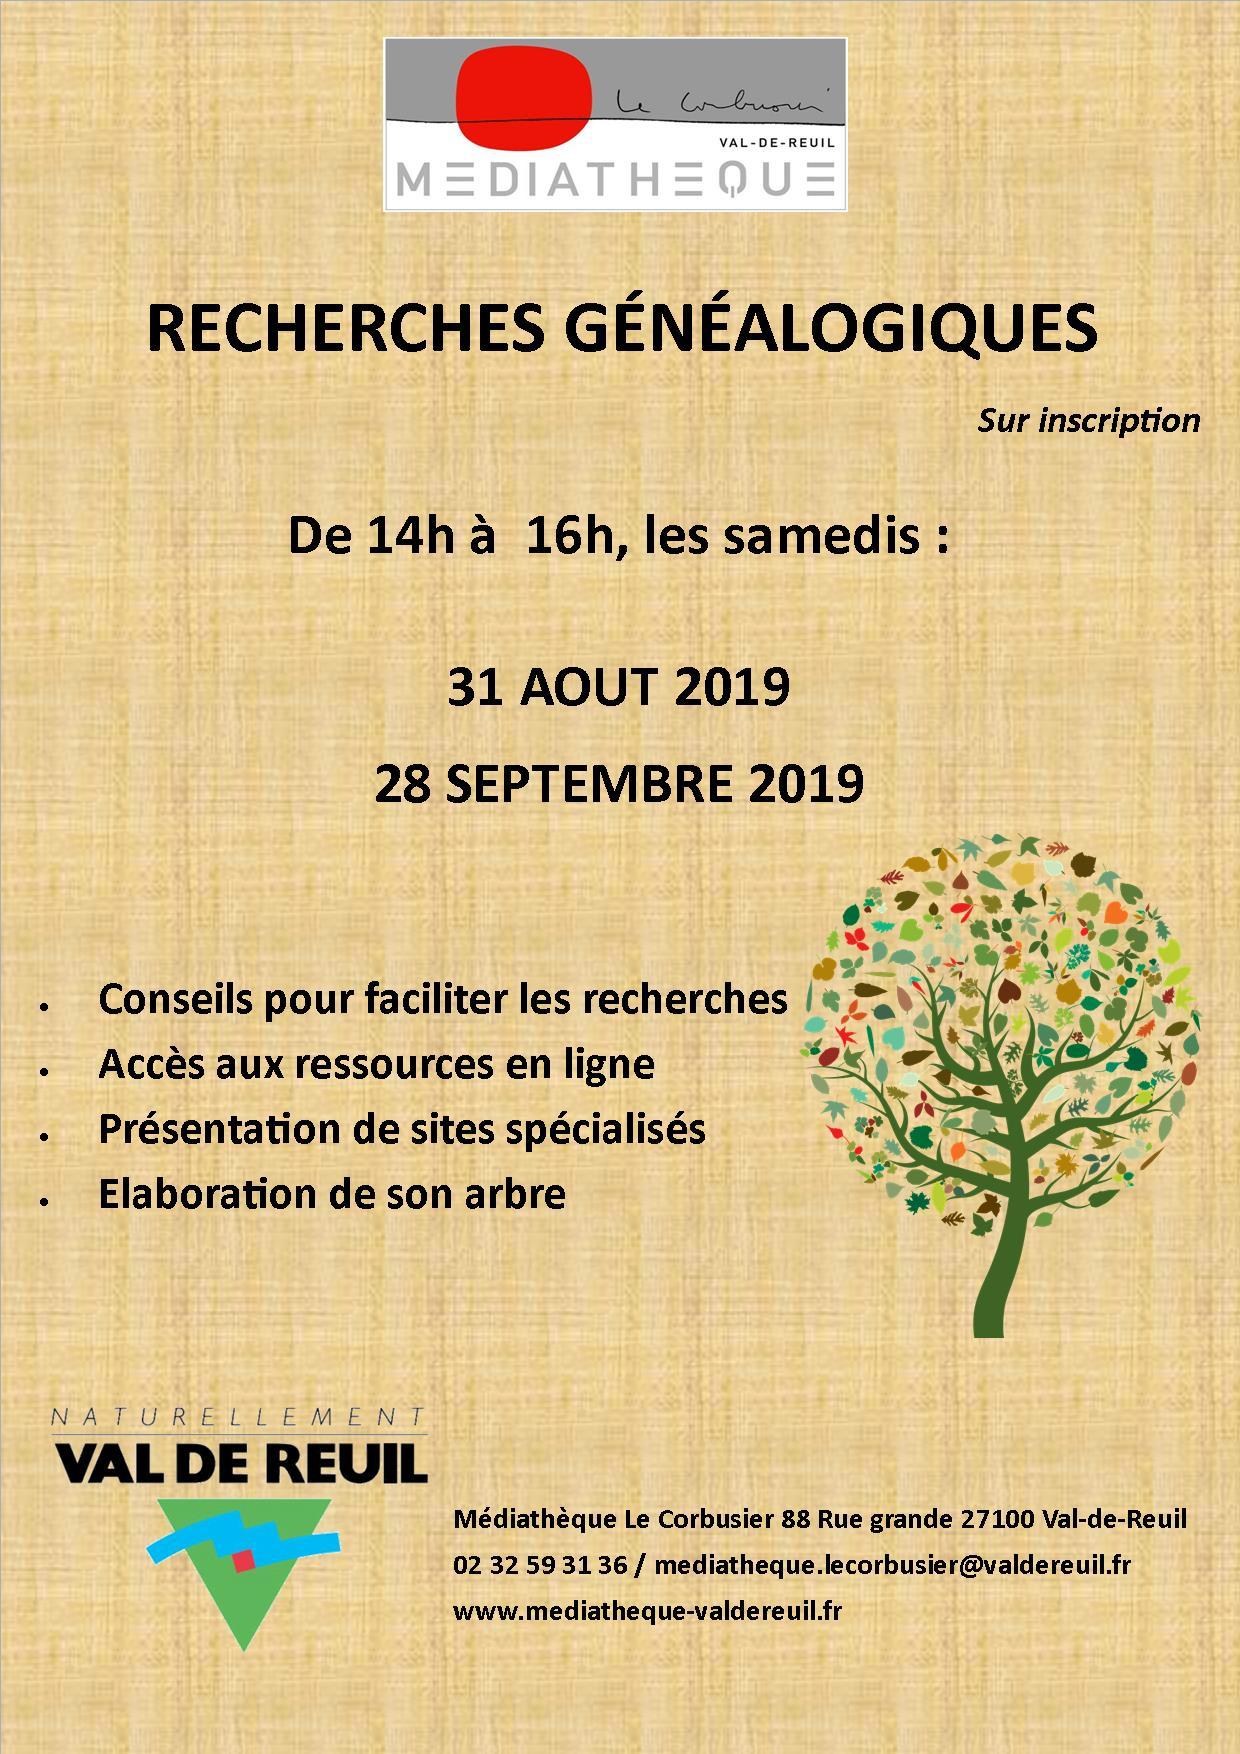 Atelier de recherches généalogiques à la médiathèque Le Corbusier